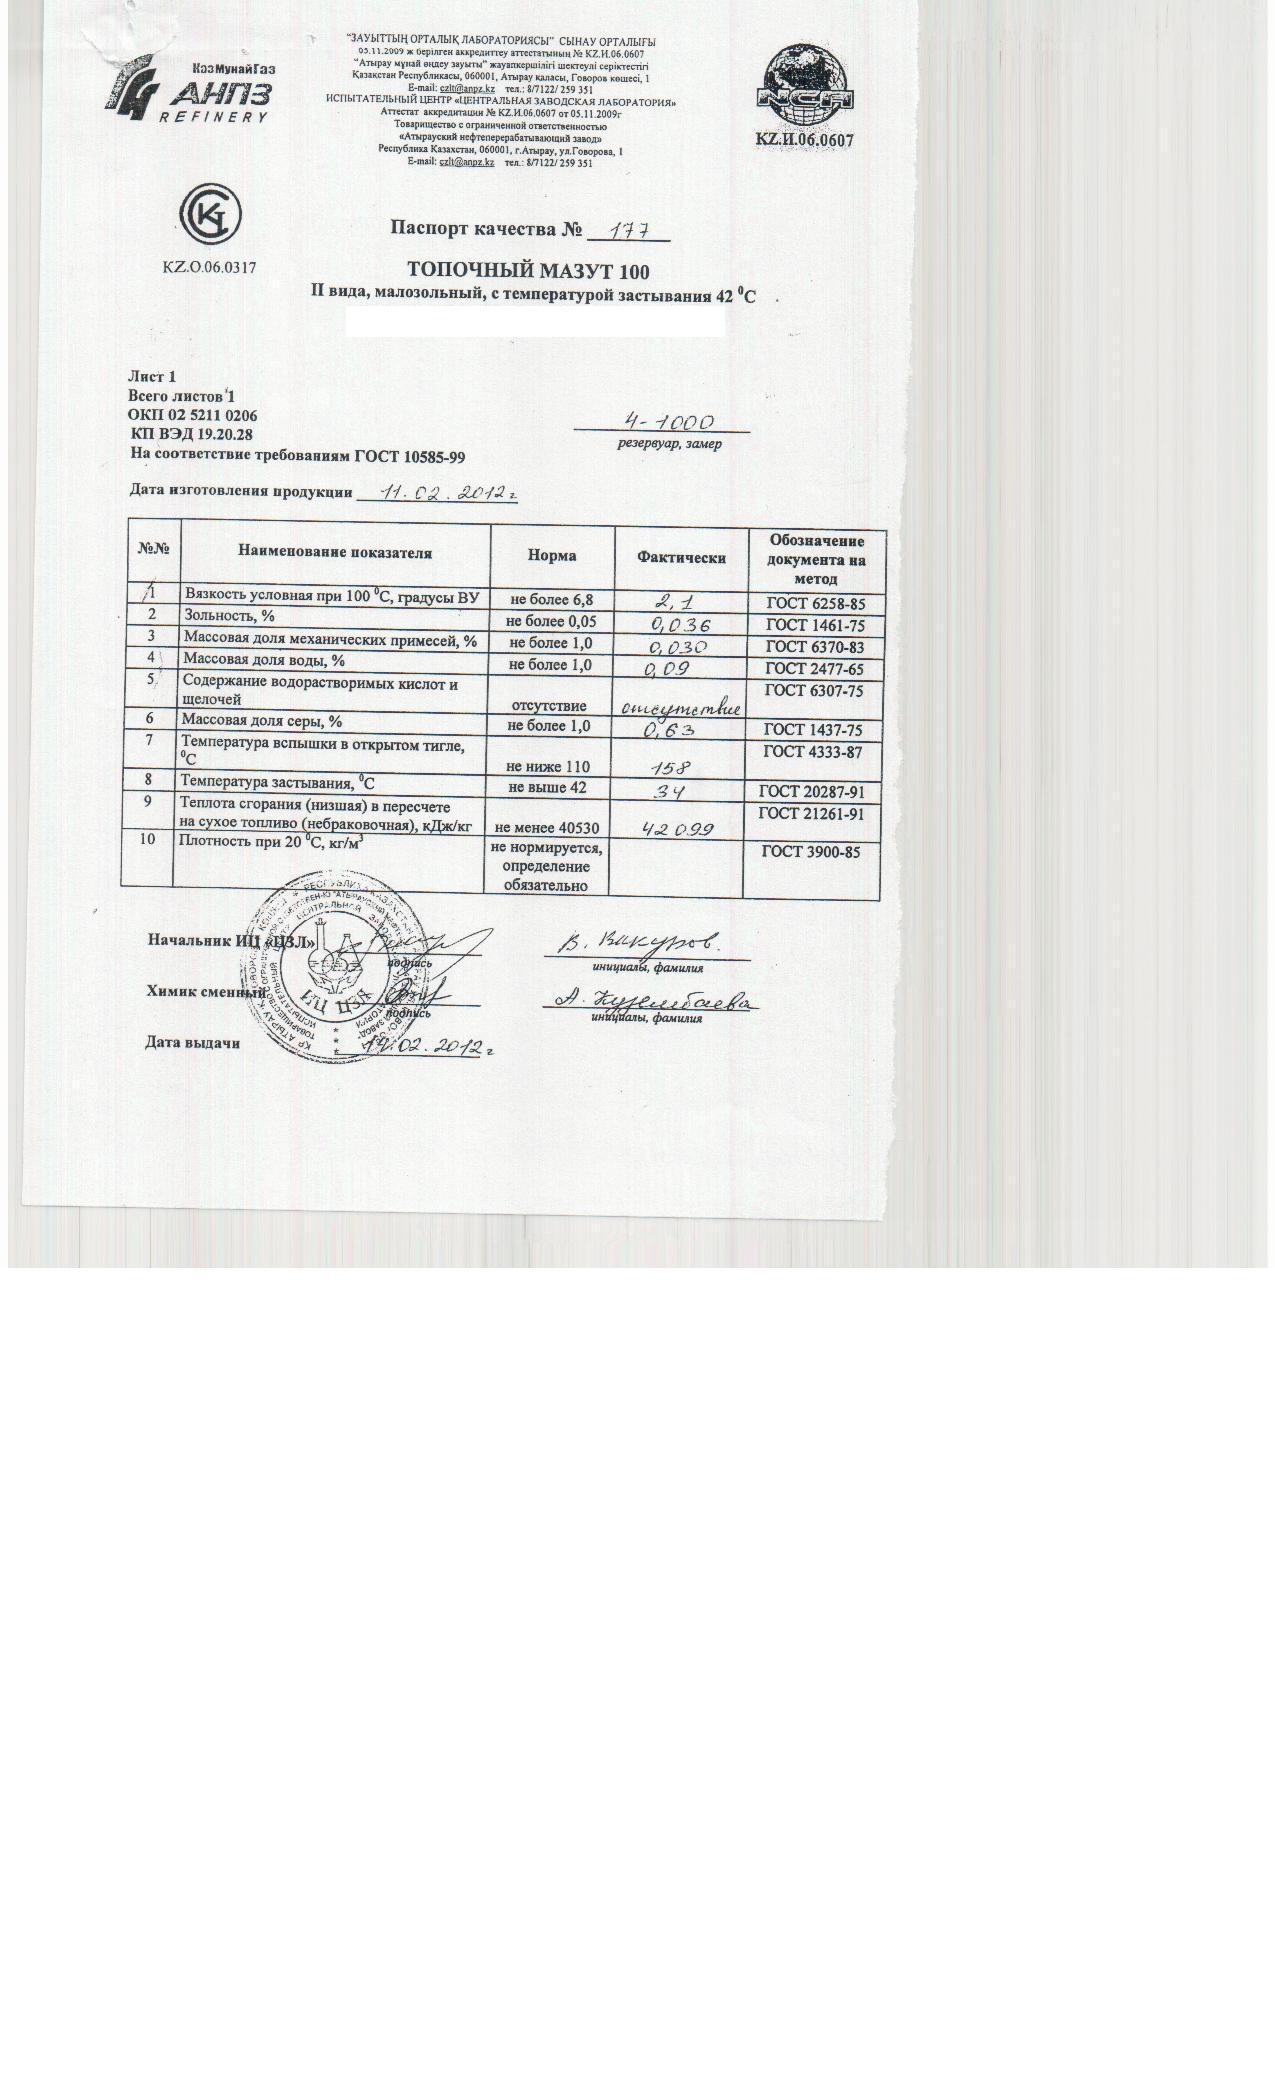 Мазут топочный марки м-100 (гост 10585-99) | торговый дом